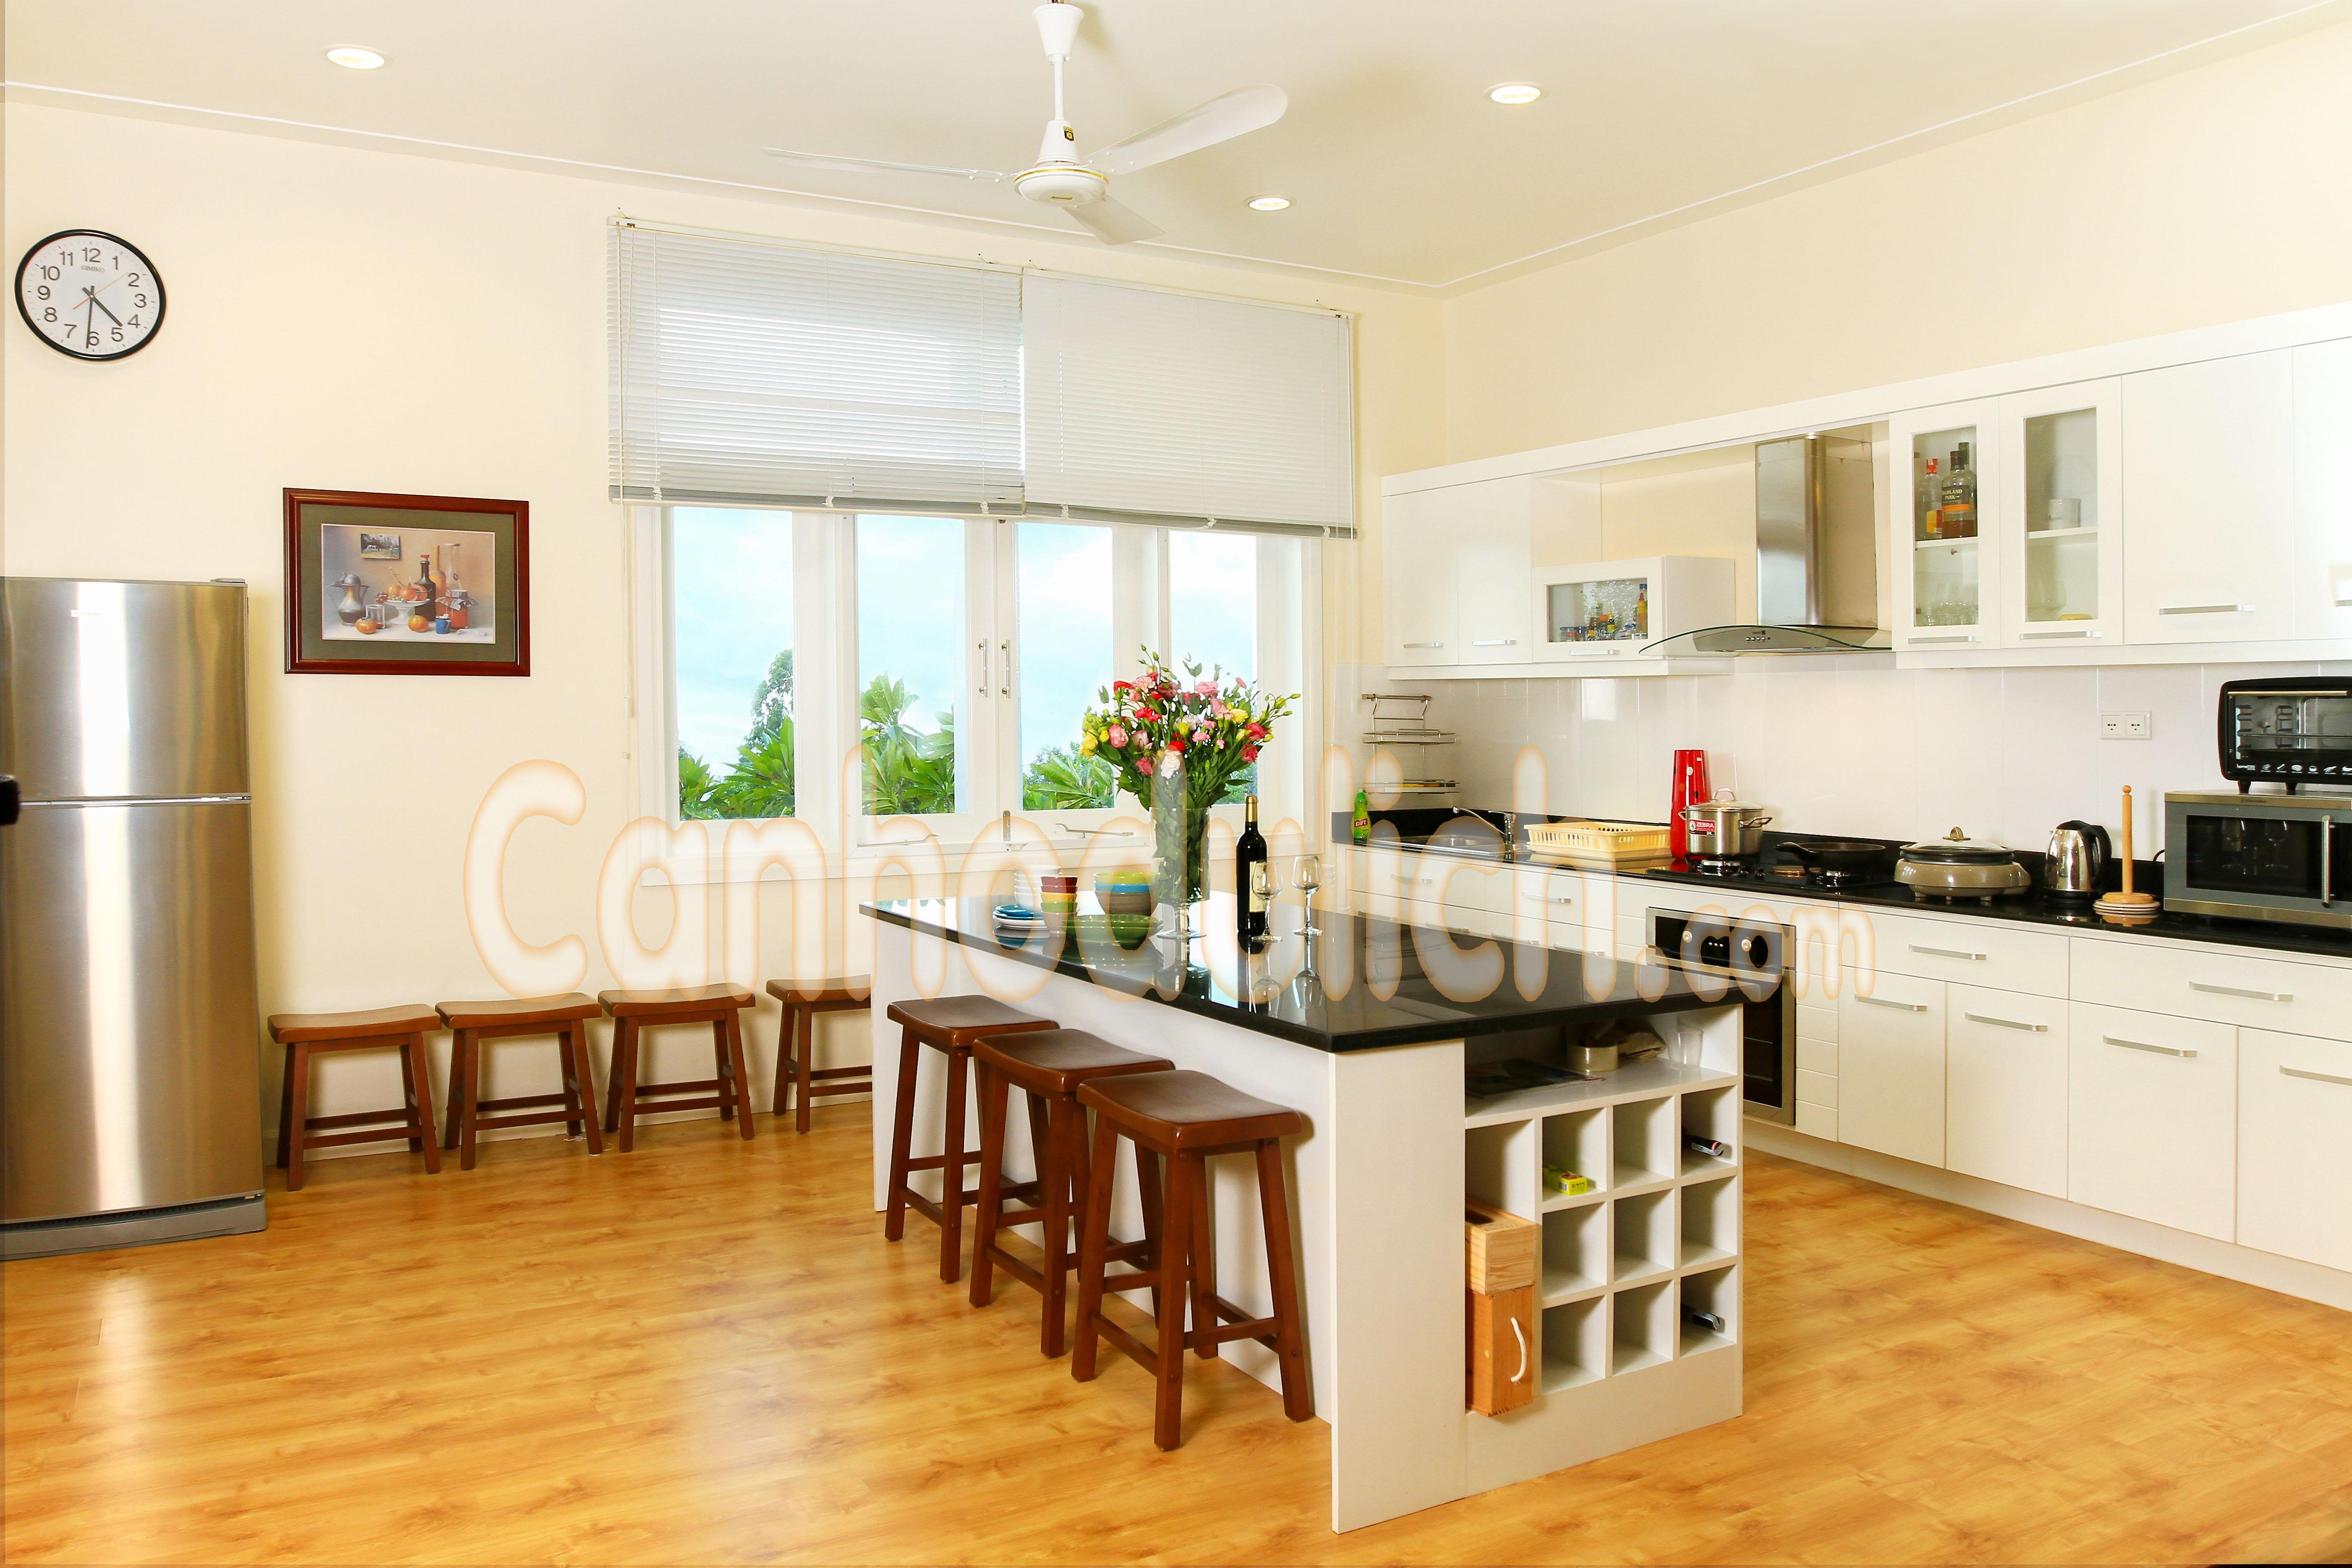 Sealink Mũi Né Villa Phan Thiết Cam kết giá rẻ nhất Chỉ có Canhodulich.com